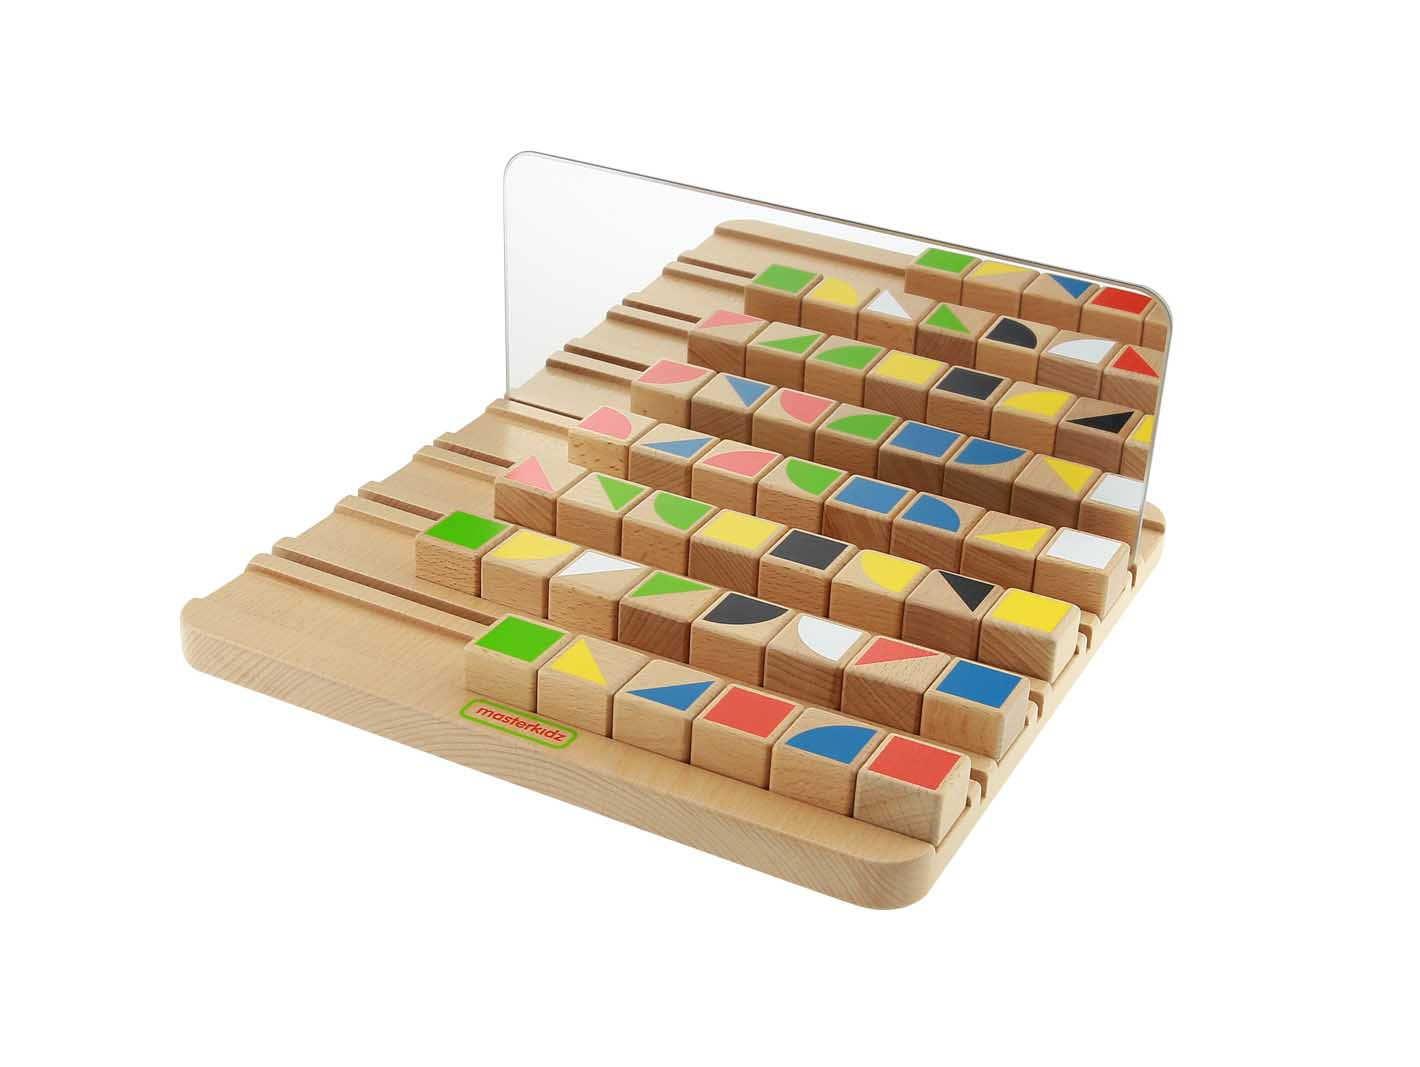 Joc educativ Cuburi in oglinda, din lemn, +3 ani, Masterkidz